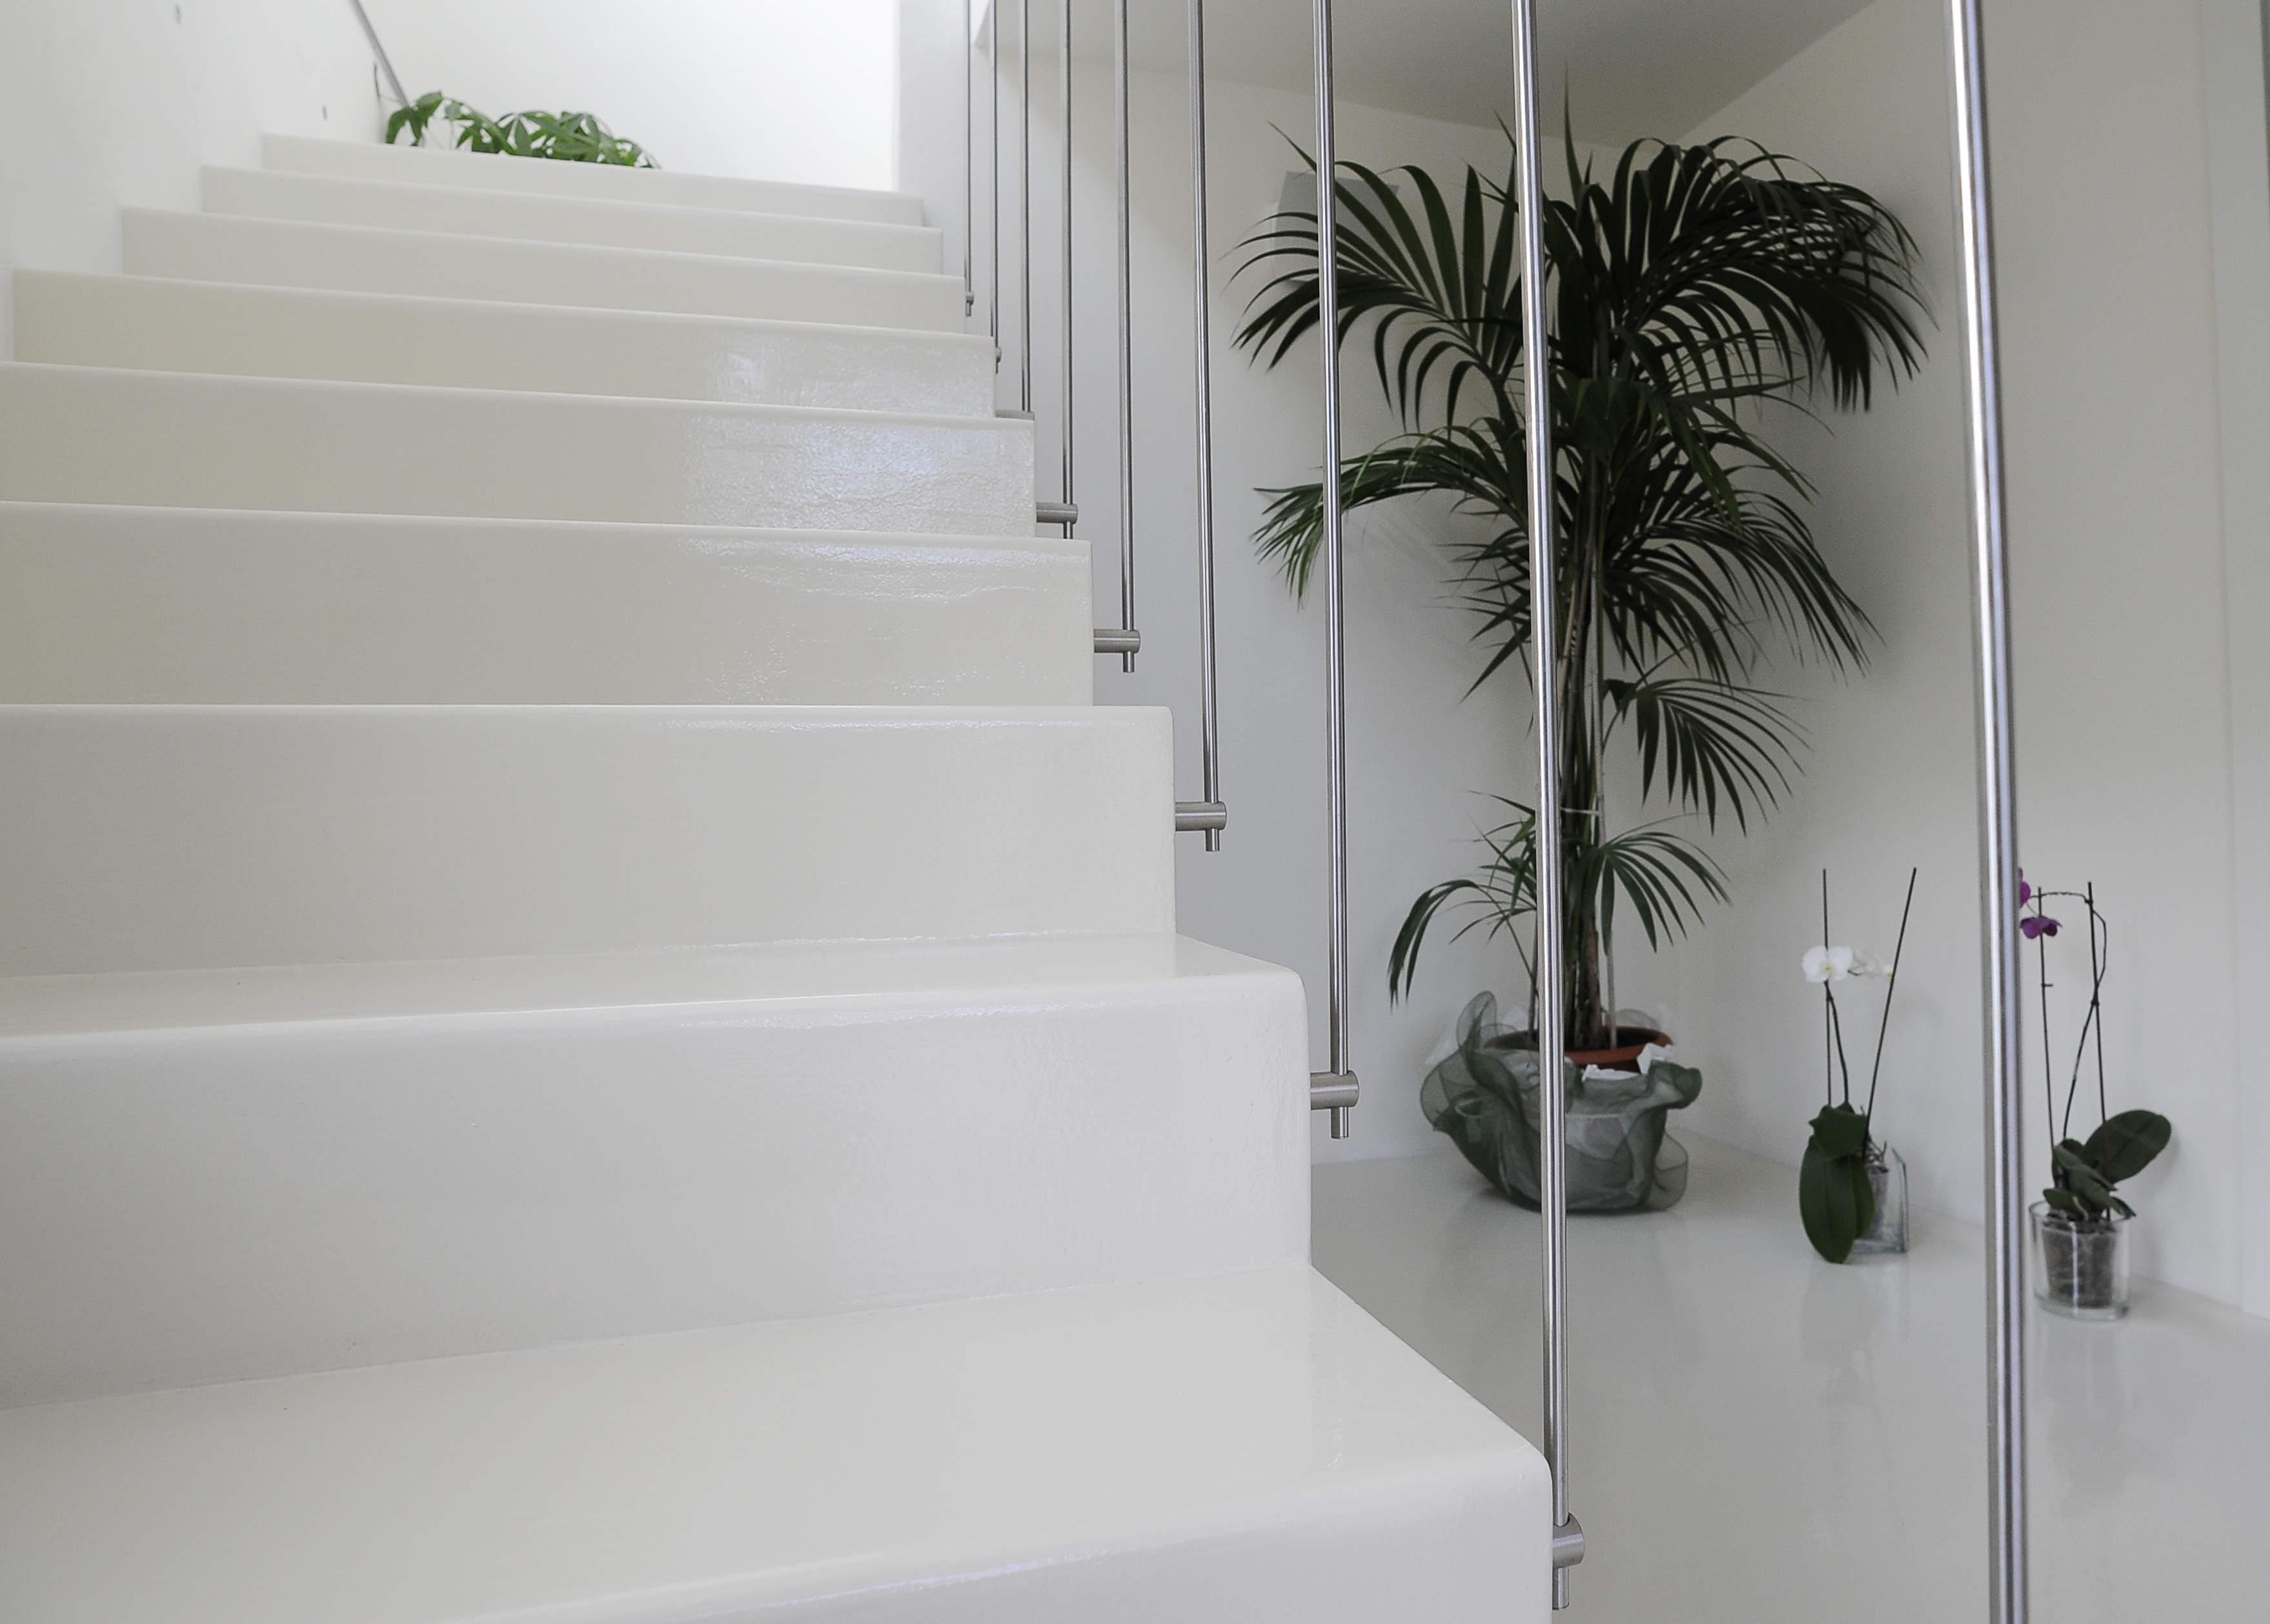 Design Di Interni Ed Esterni : Design di interni ed esterni ristrutturazioni e riaqualificazioni